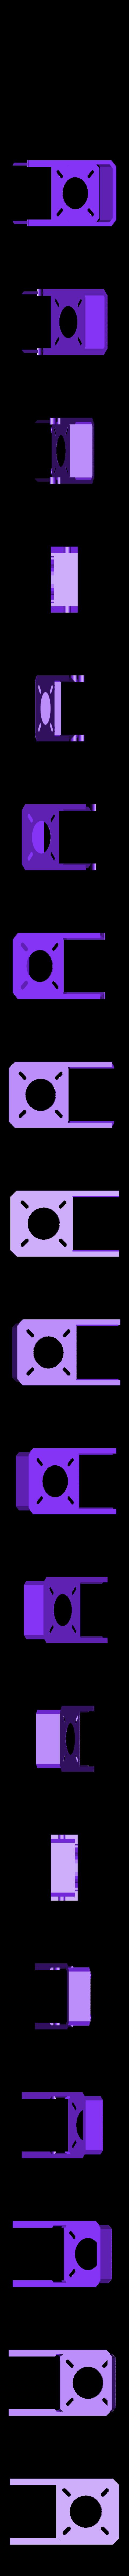 Y-MotorBracket.stl Télécharger fichier STL gratuit Hadron (ORD Bot) Support rigide en Y pour moteur en Y • Modèle imprimable en 3D, Duskwin